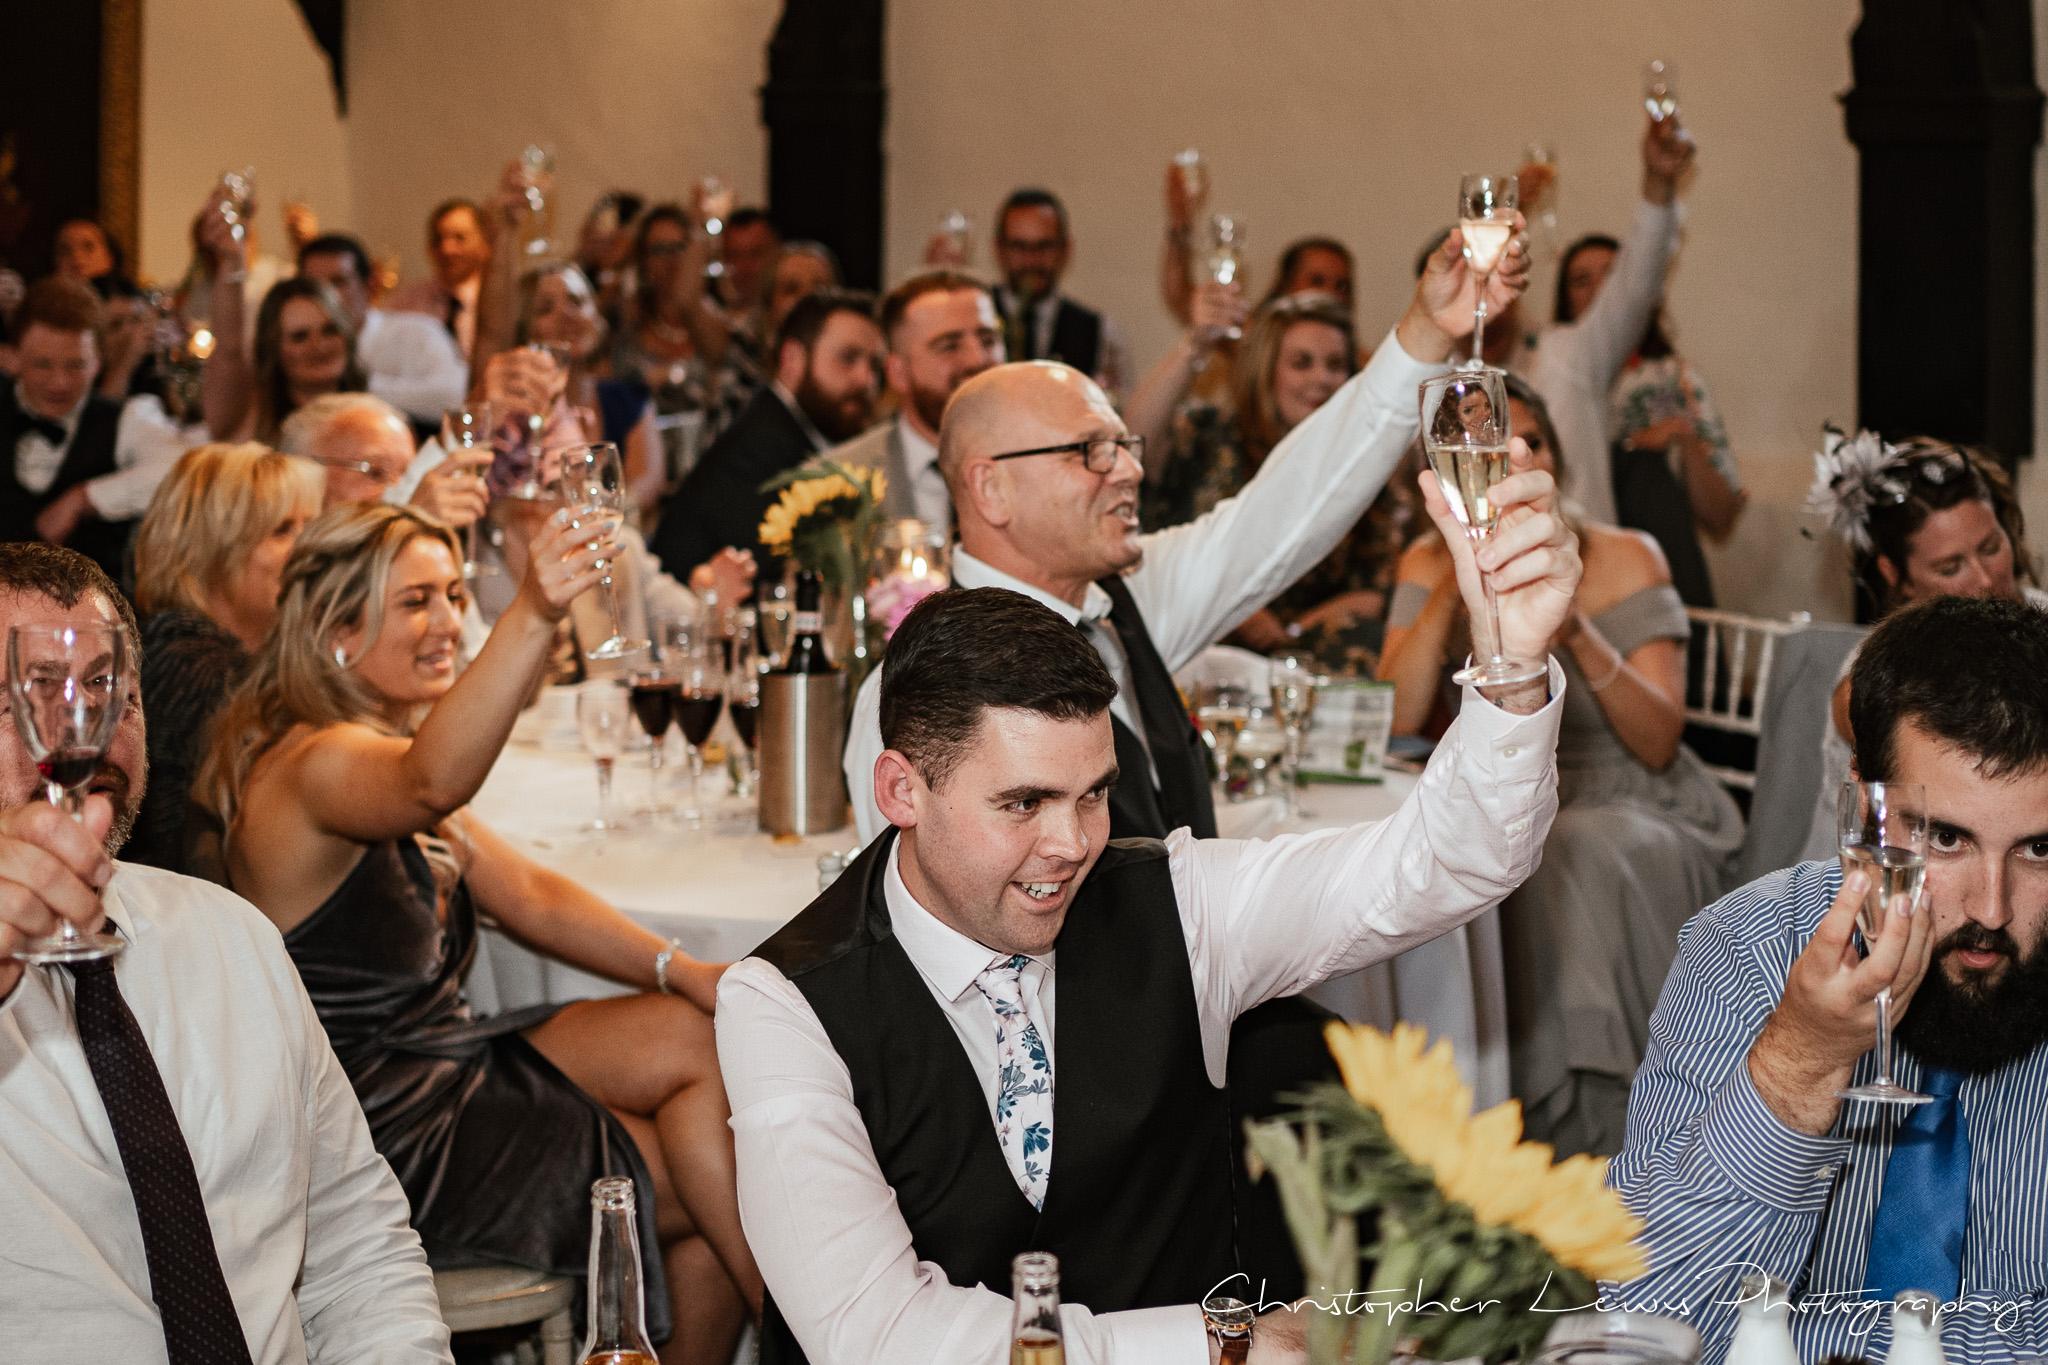 Samlesbury Hall Wedding toast